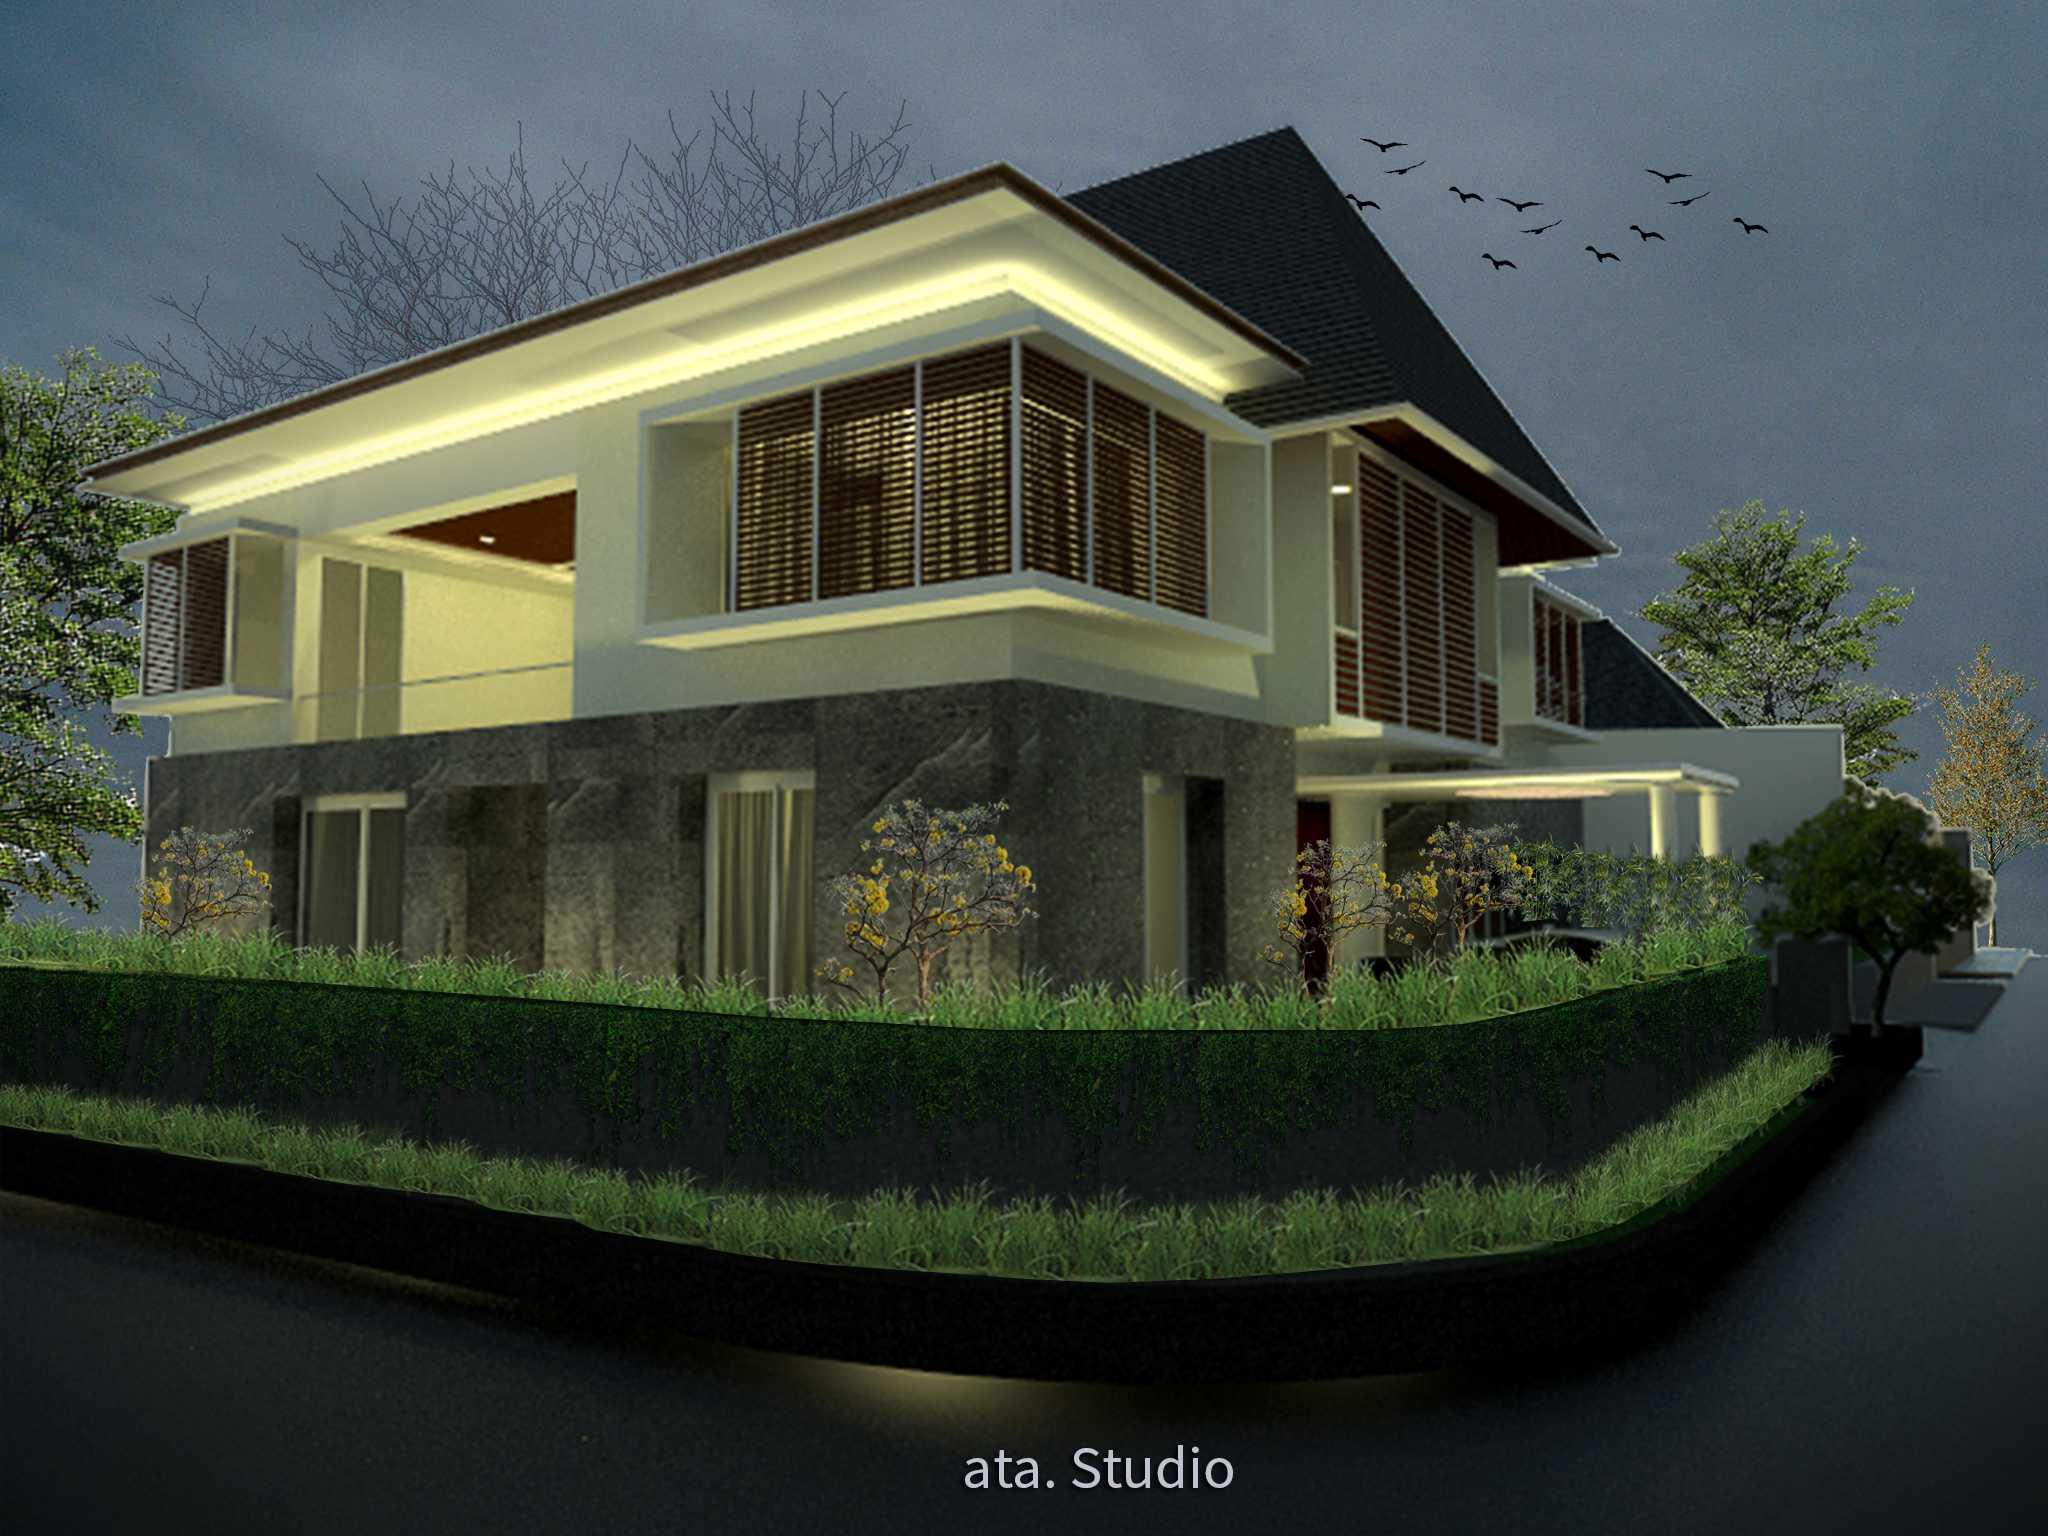 Ata. Studio A-House Kec. Anyar, Serang, Banten, Indonesia Kec. Anyar, Serang, Banten, Indonesia Ata-Studio-A-House   85676